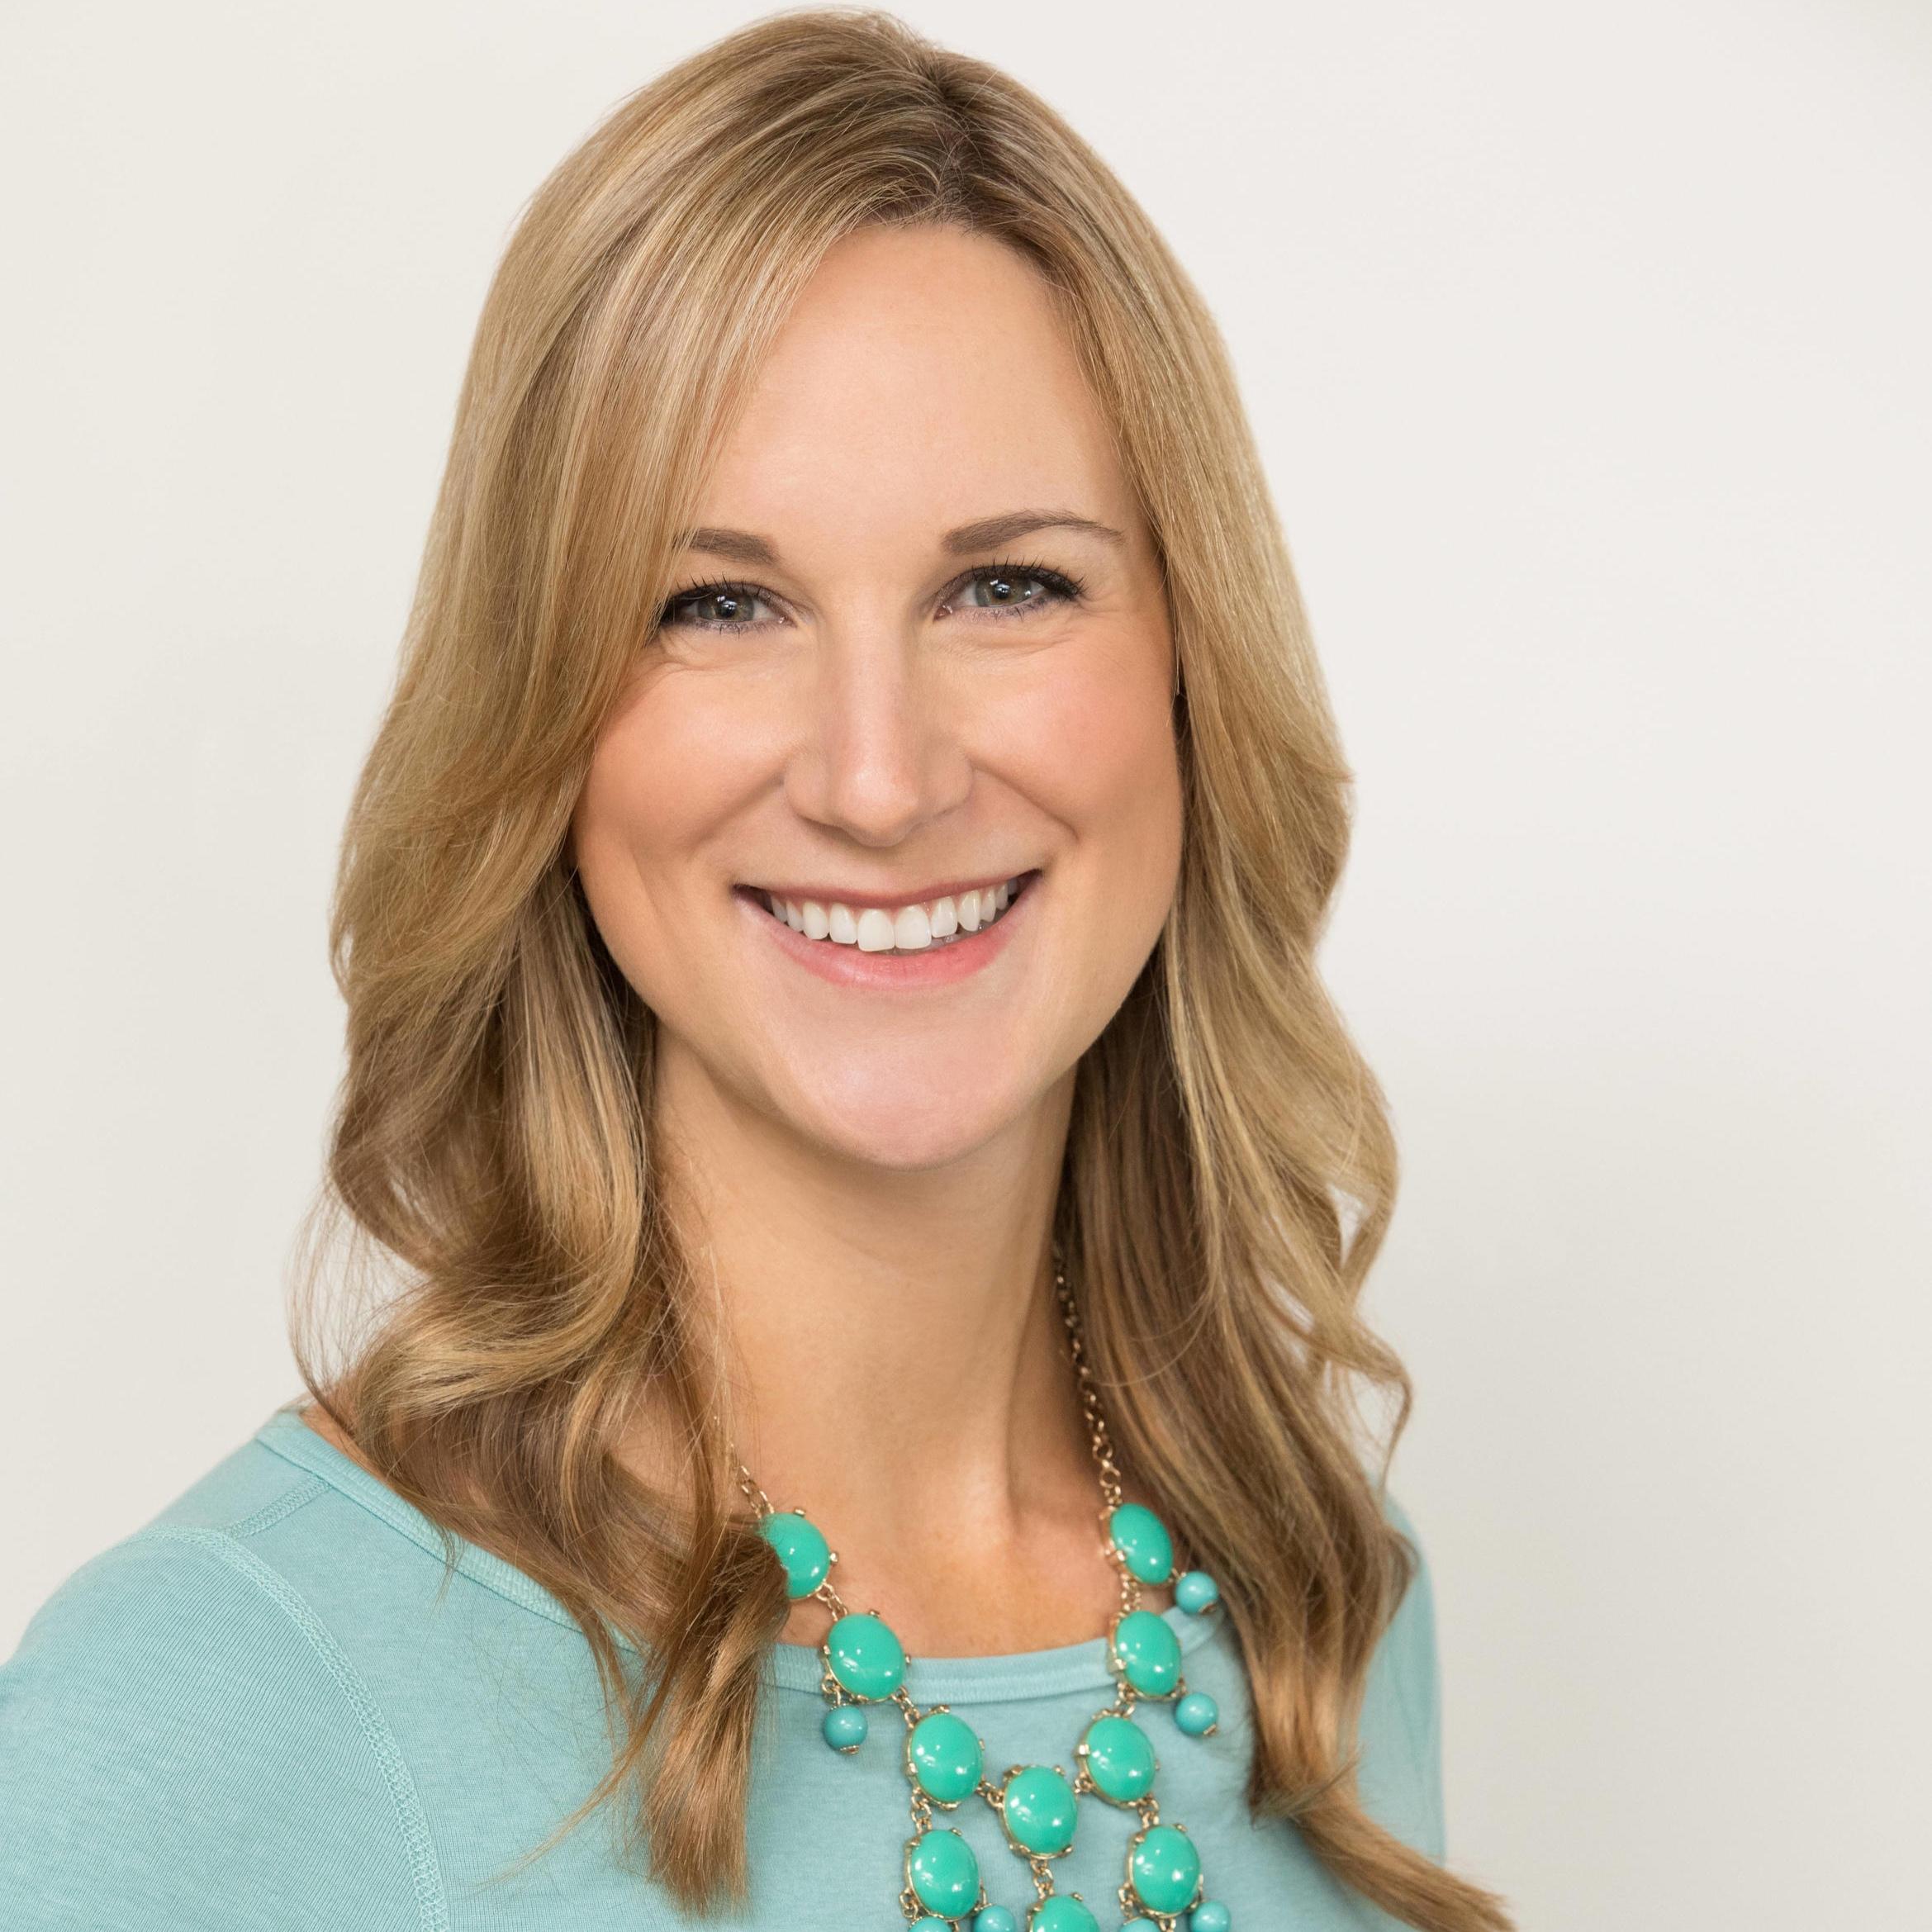 Ashley Fairon - Vice President, Silicon Valley Bank